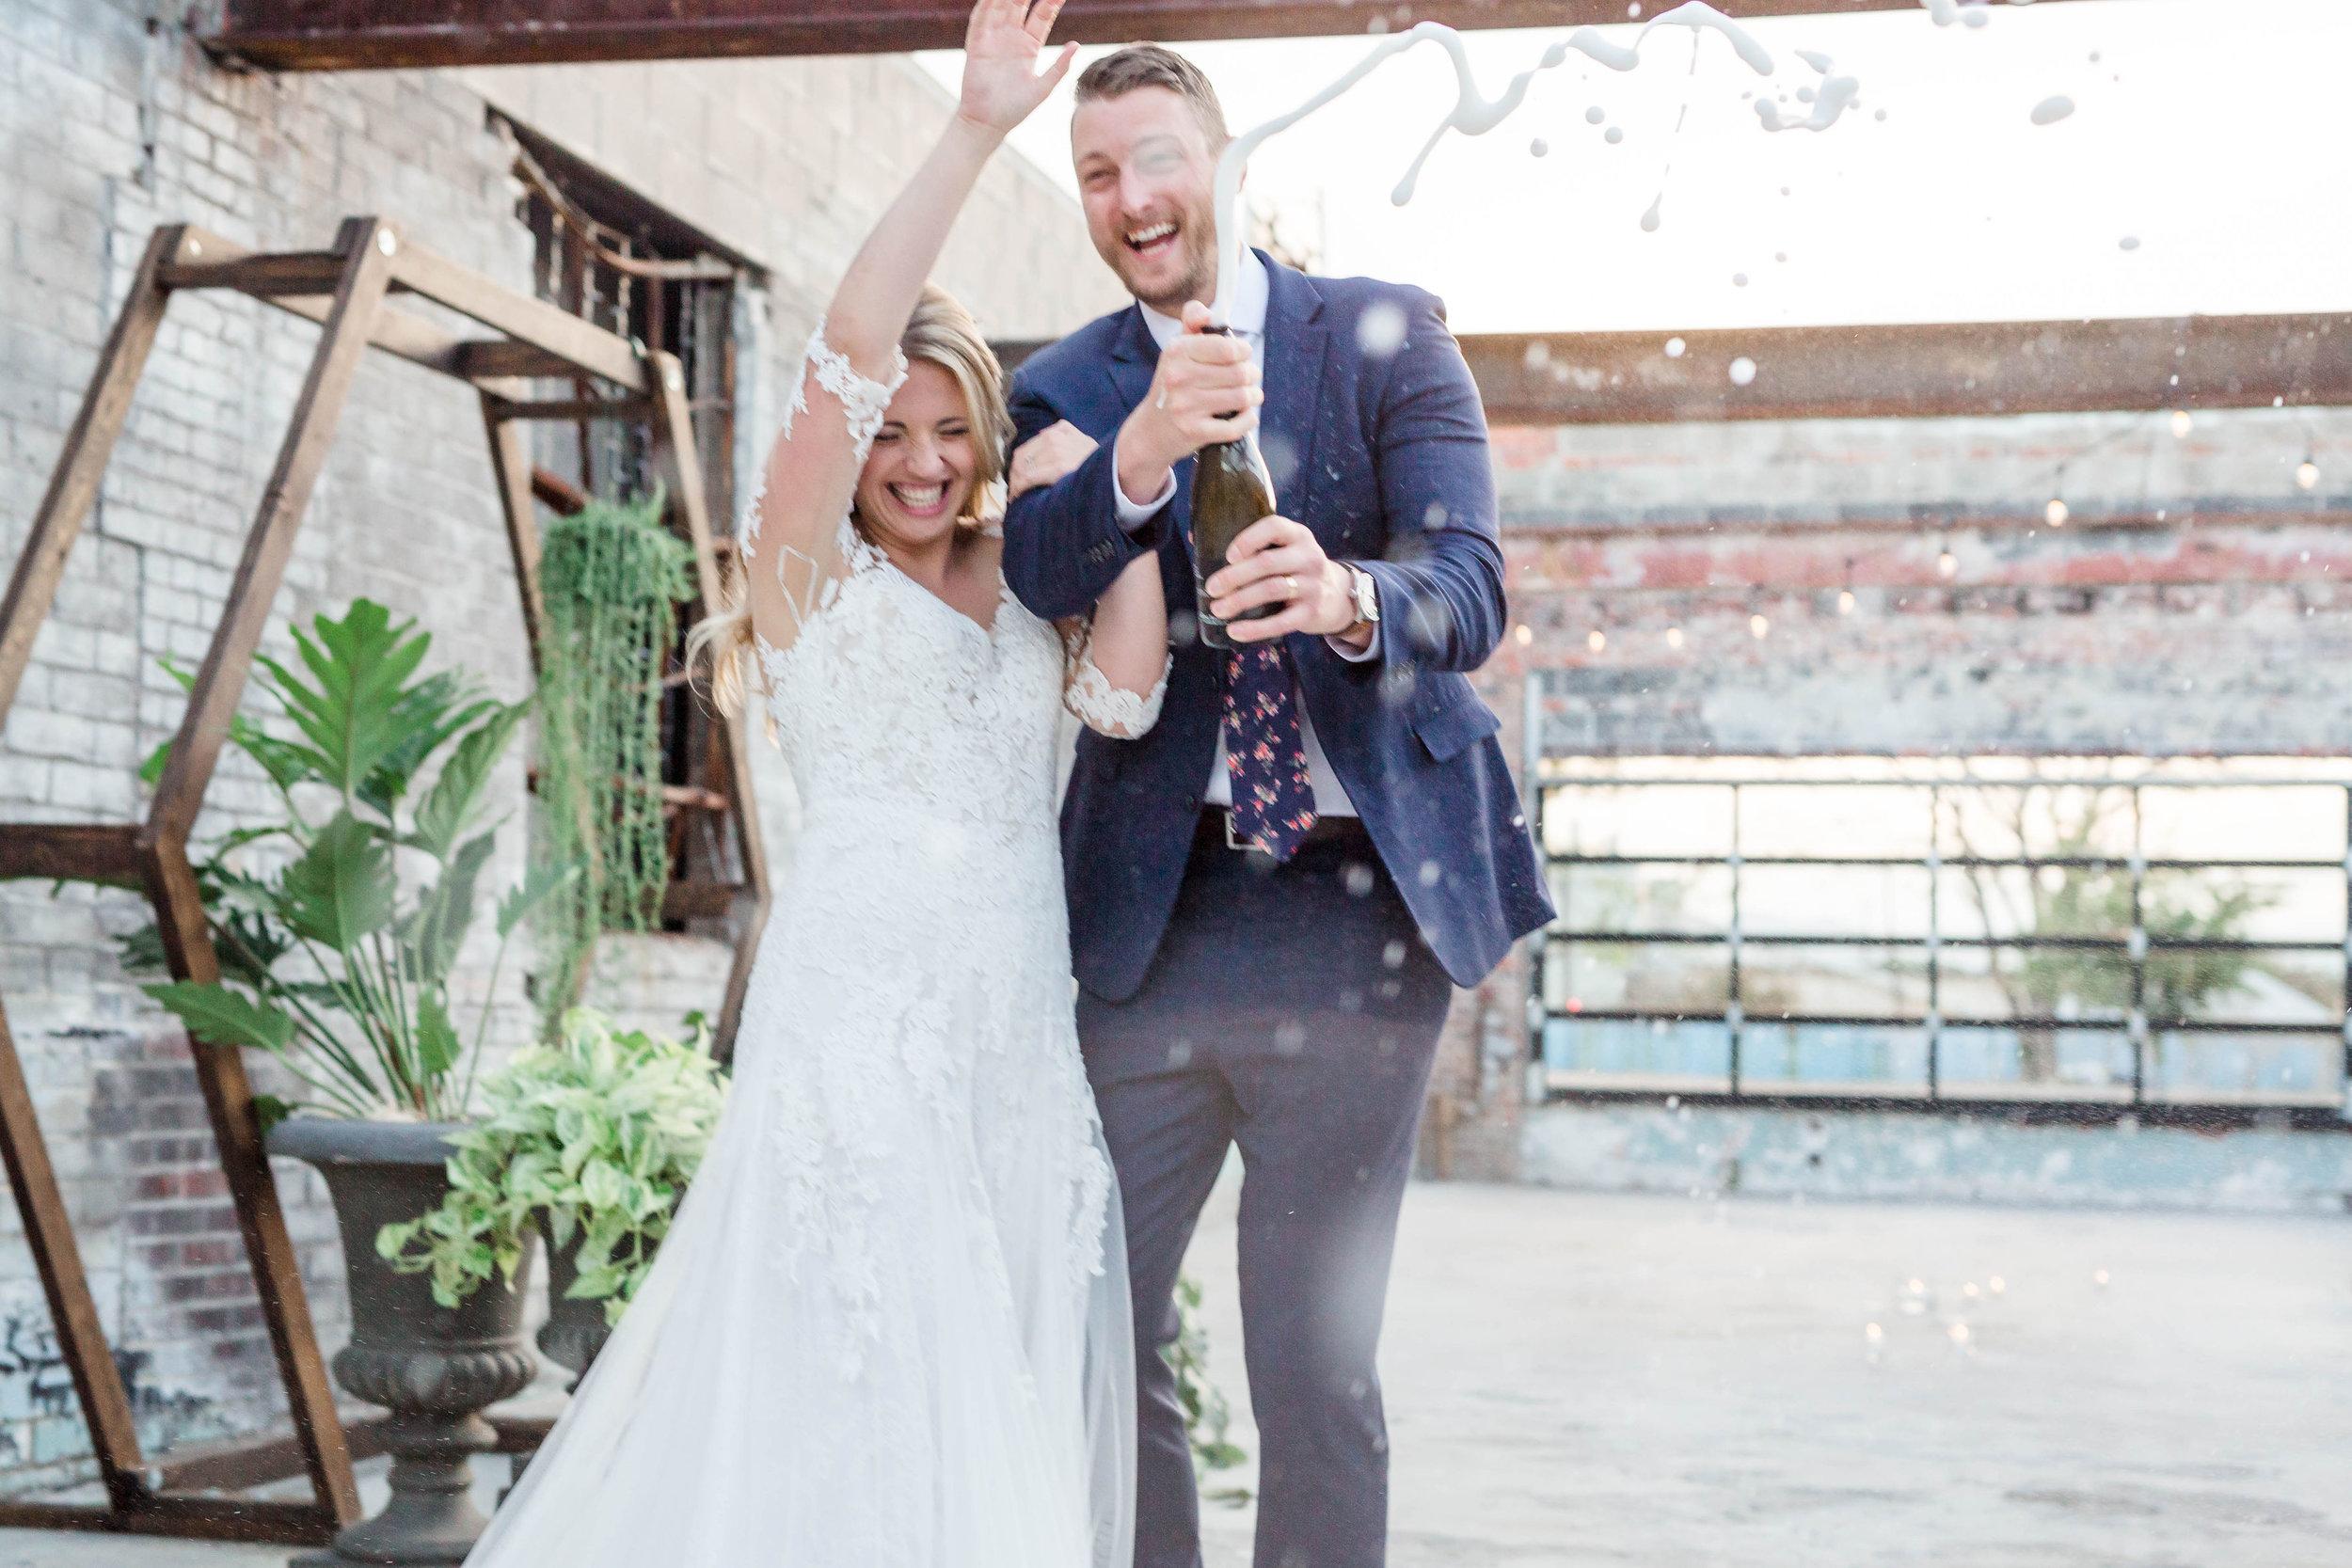 BeBoulderPhotography_WeddingPhotography-323.jpg